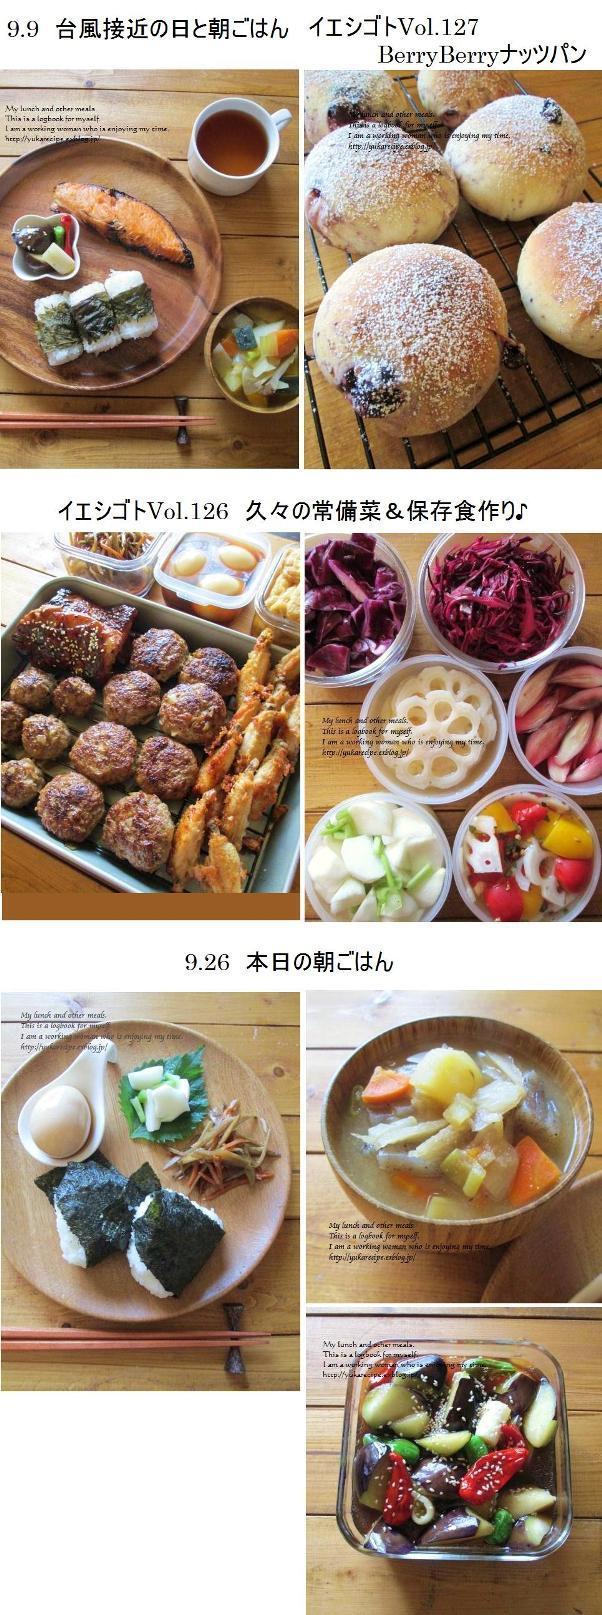 2015年9月のお弁当一覧作りました♪_e0274872_18082164.jpg